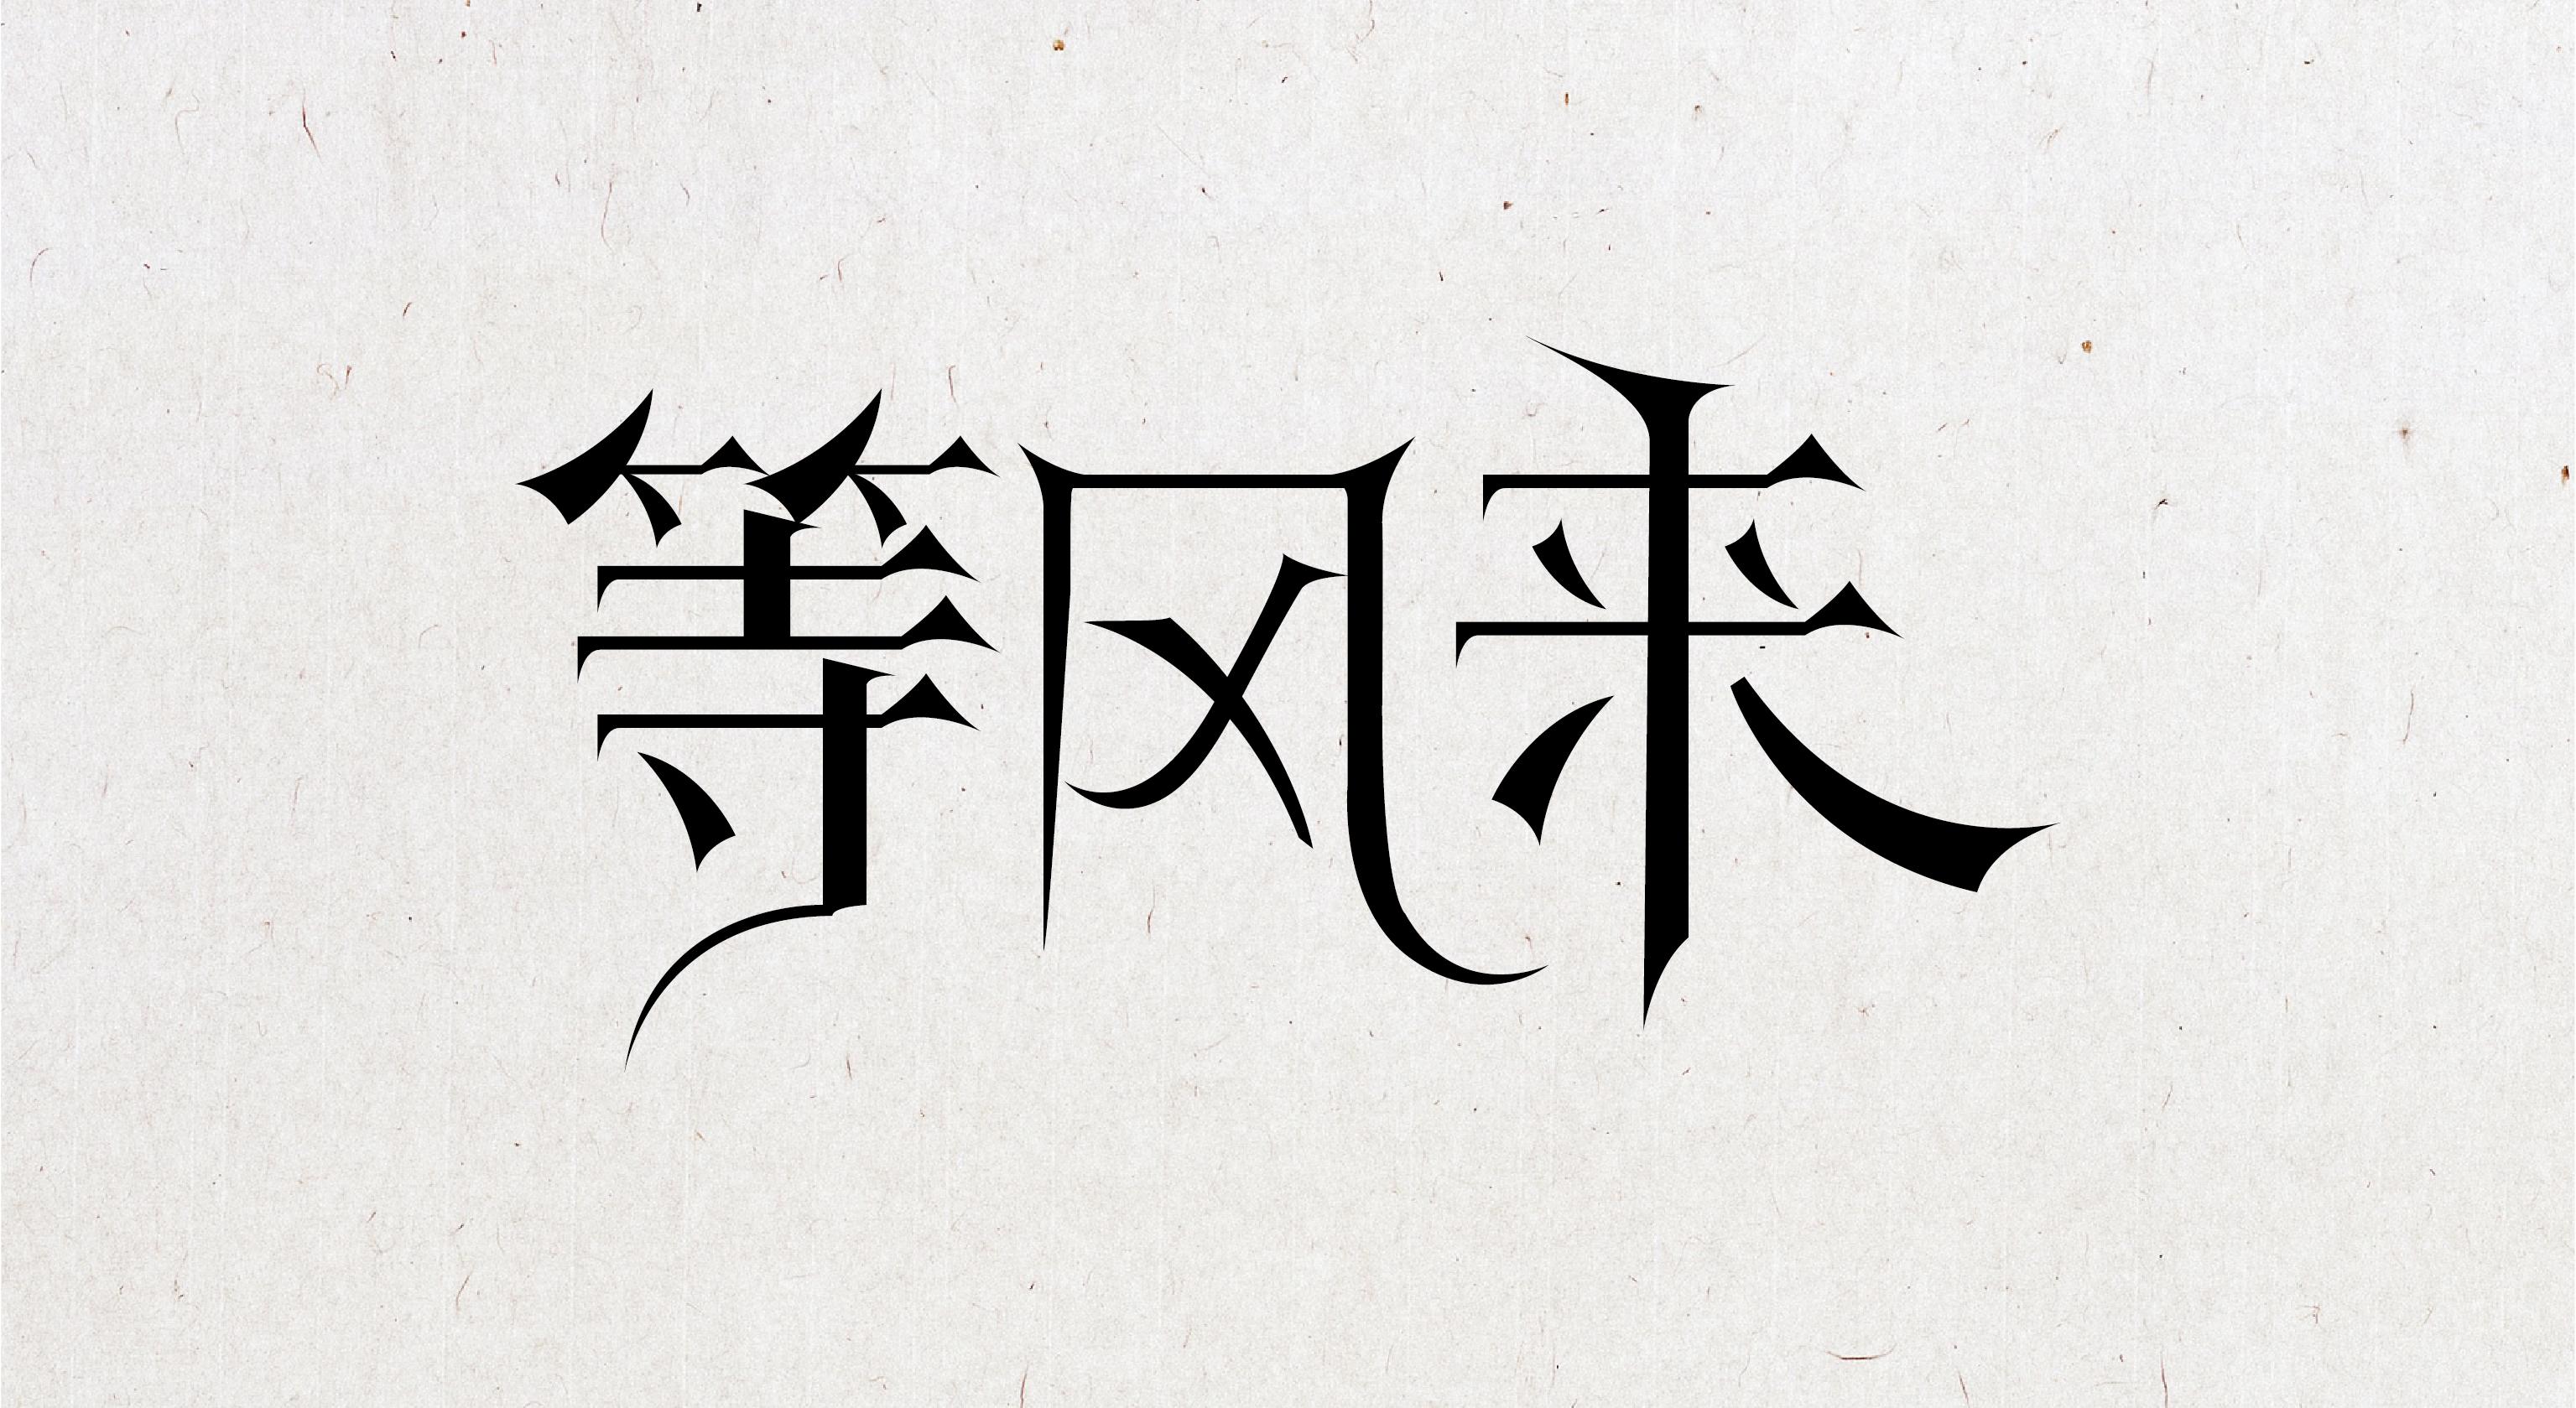 各种书法字体大全名称_影视剧名称字体设计练习-等风来